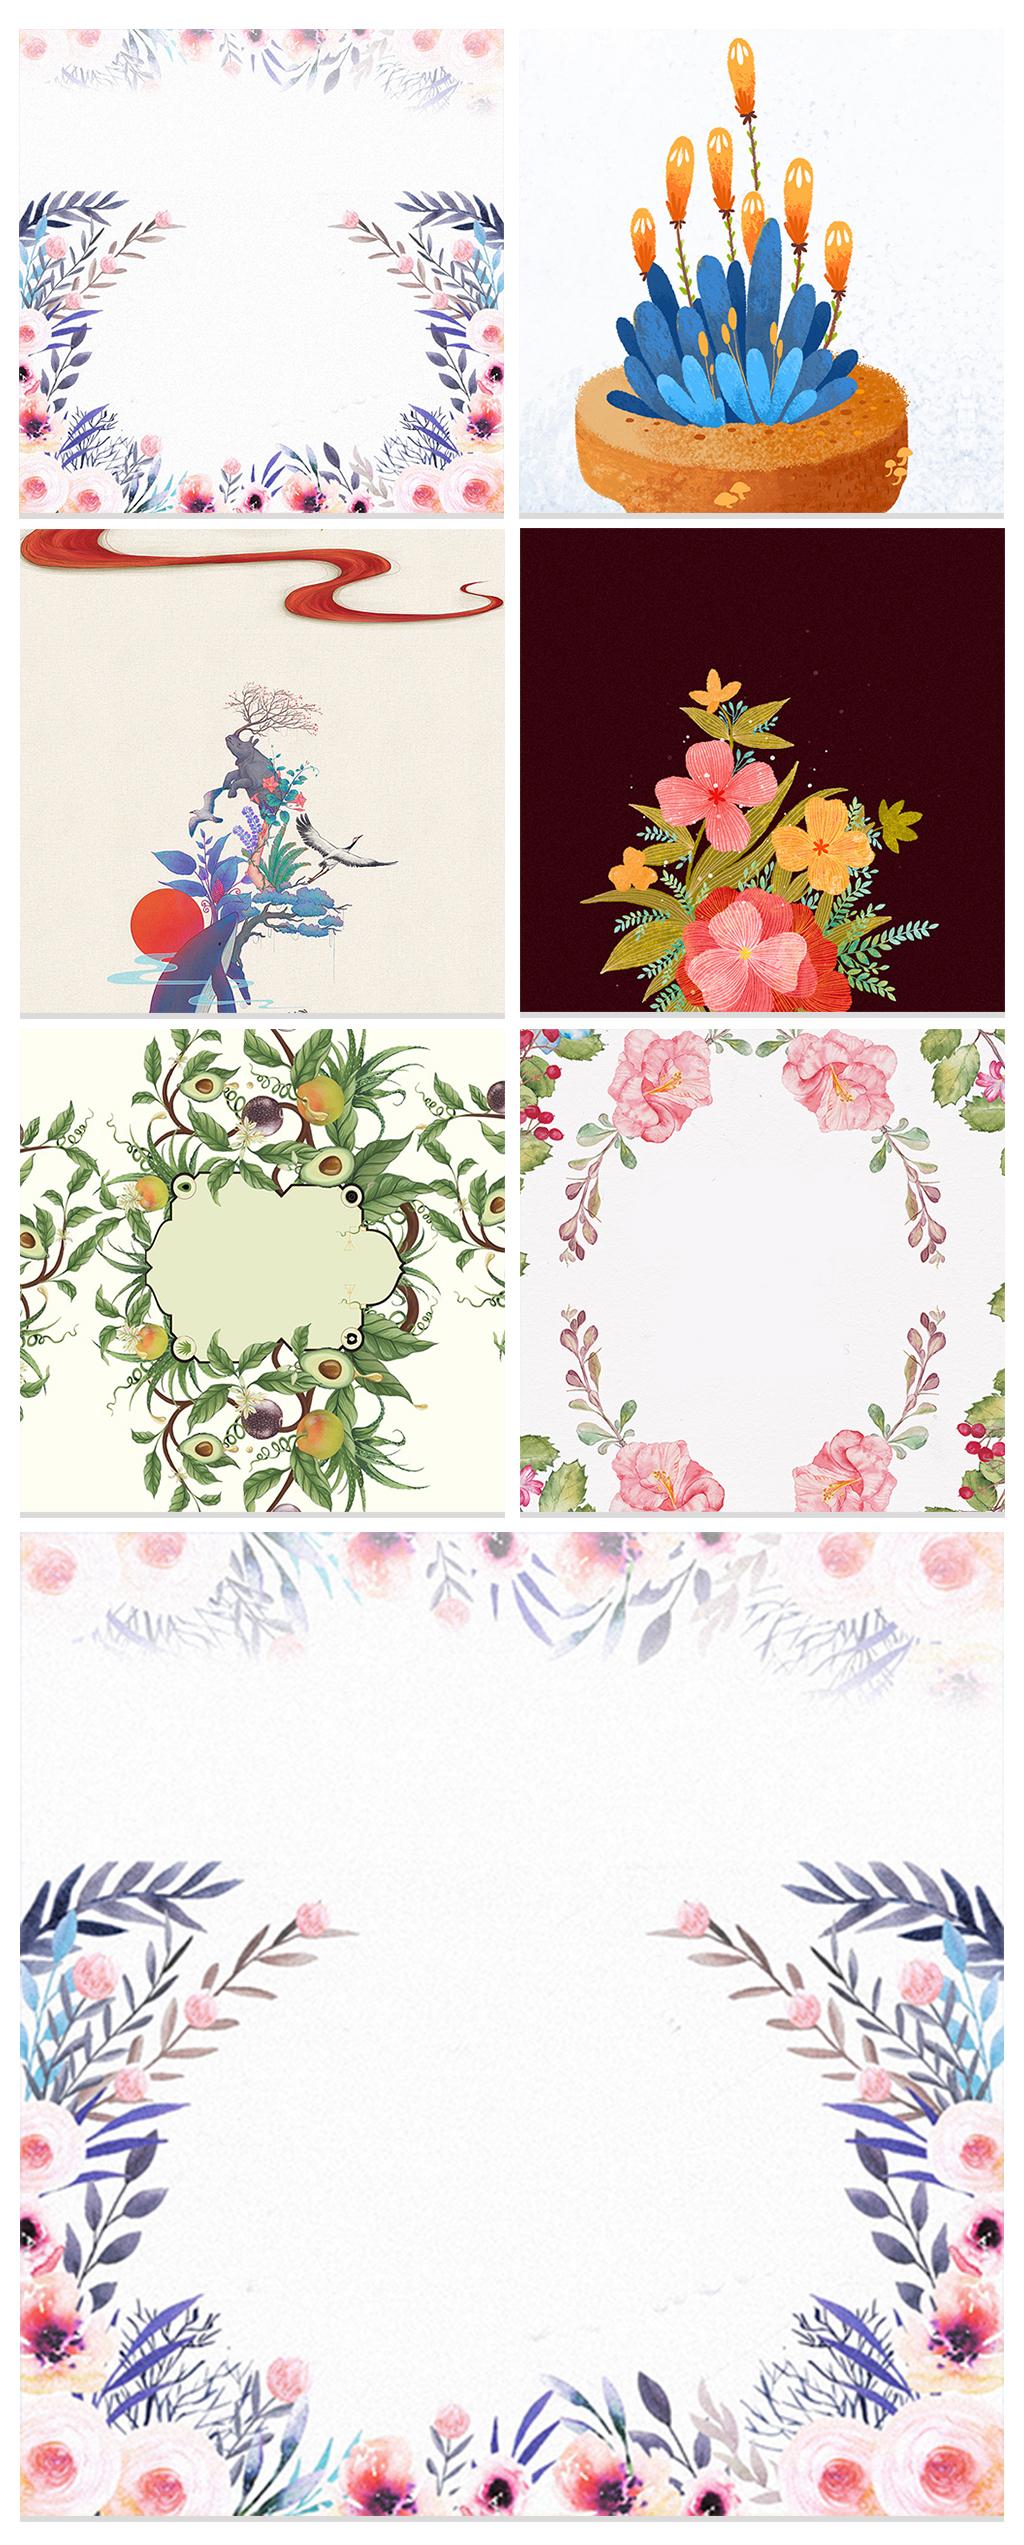 化妆品饰品手绘卡通花卉植物主图背景图片素材_化妆品